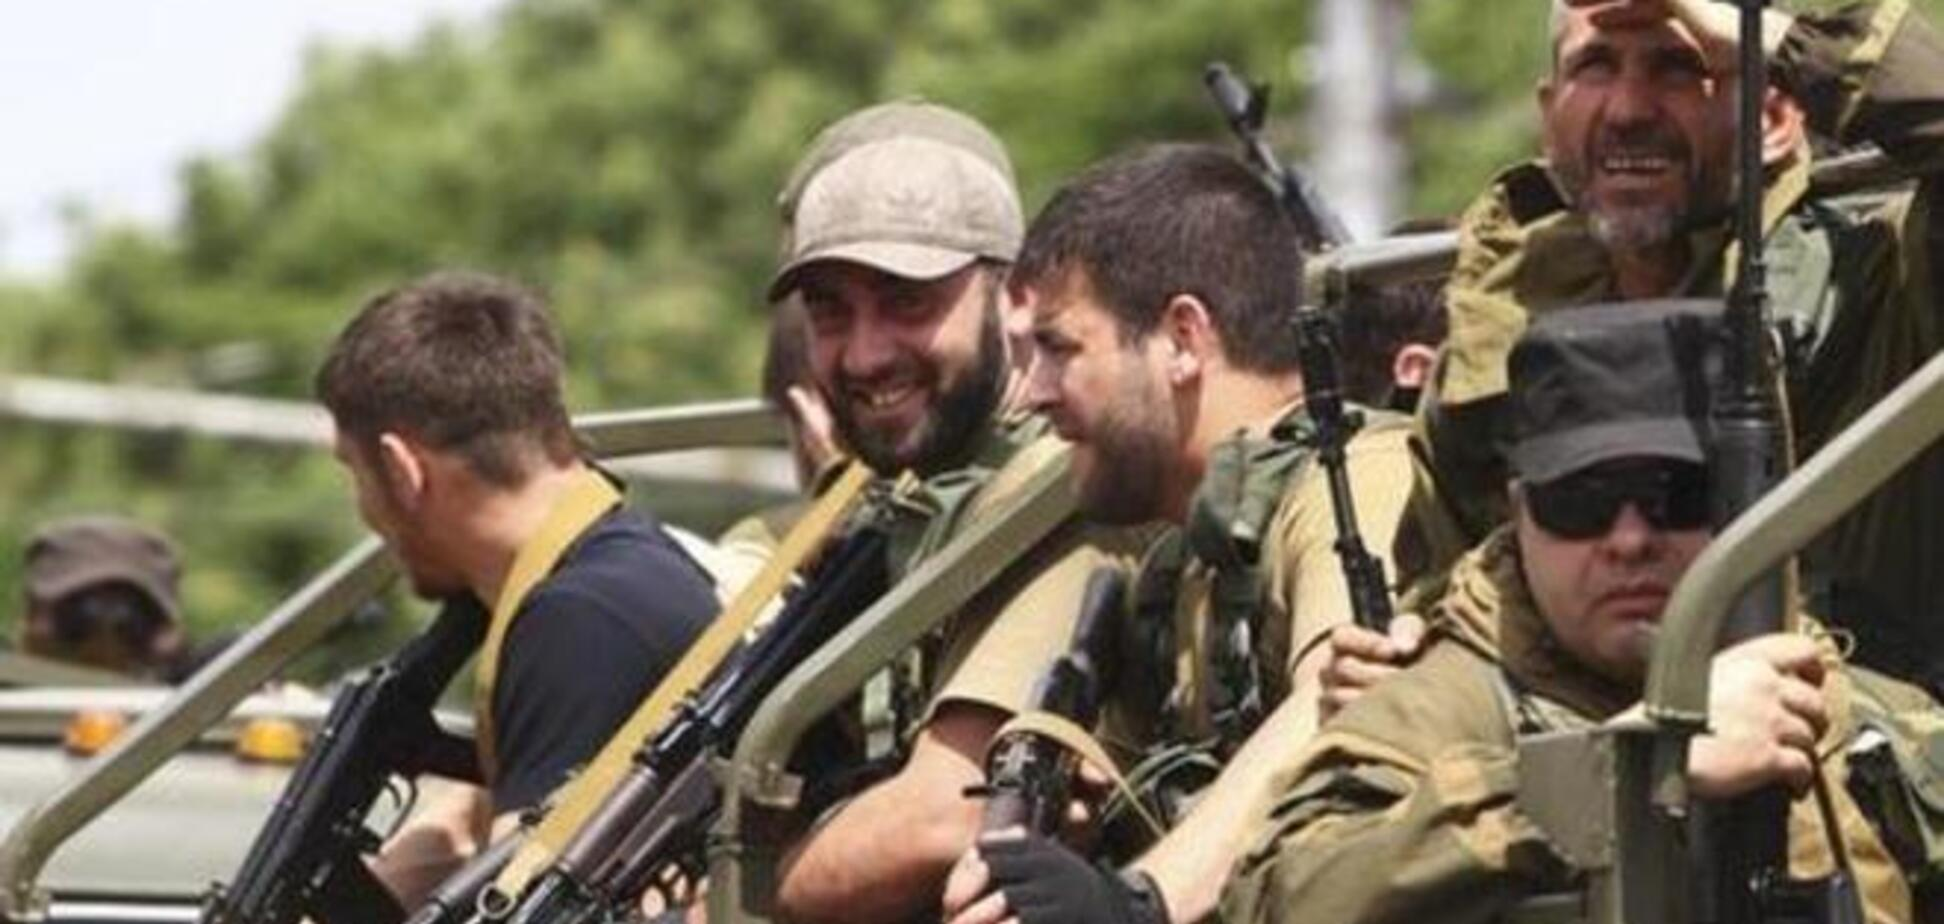 Боевики 'ДНР' штурмуют Авдеевку: слышны взрывы и пулеметные очереди